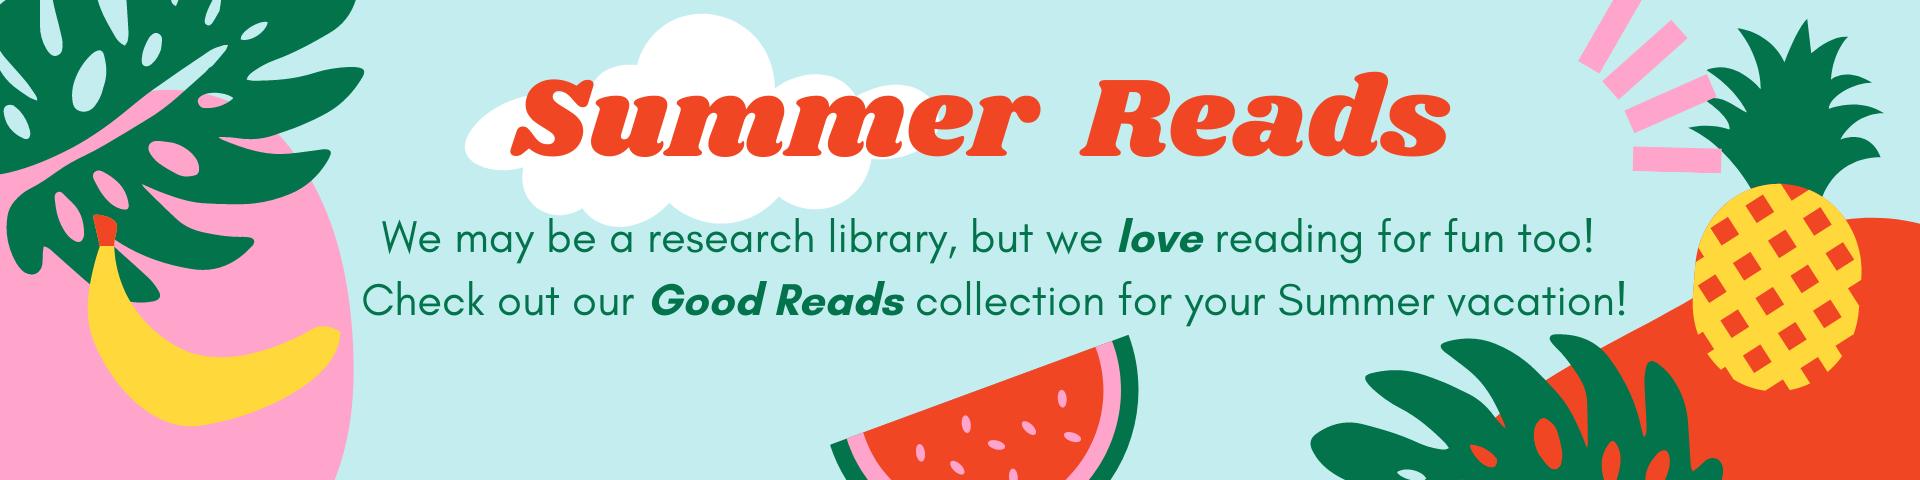 Summer Reads at Delta